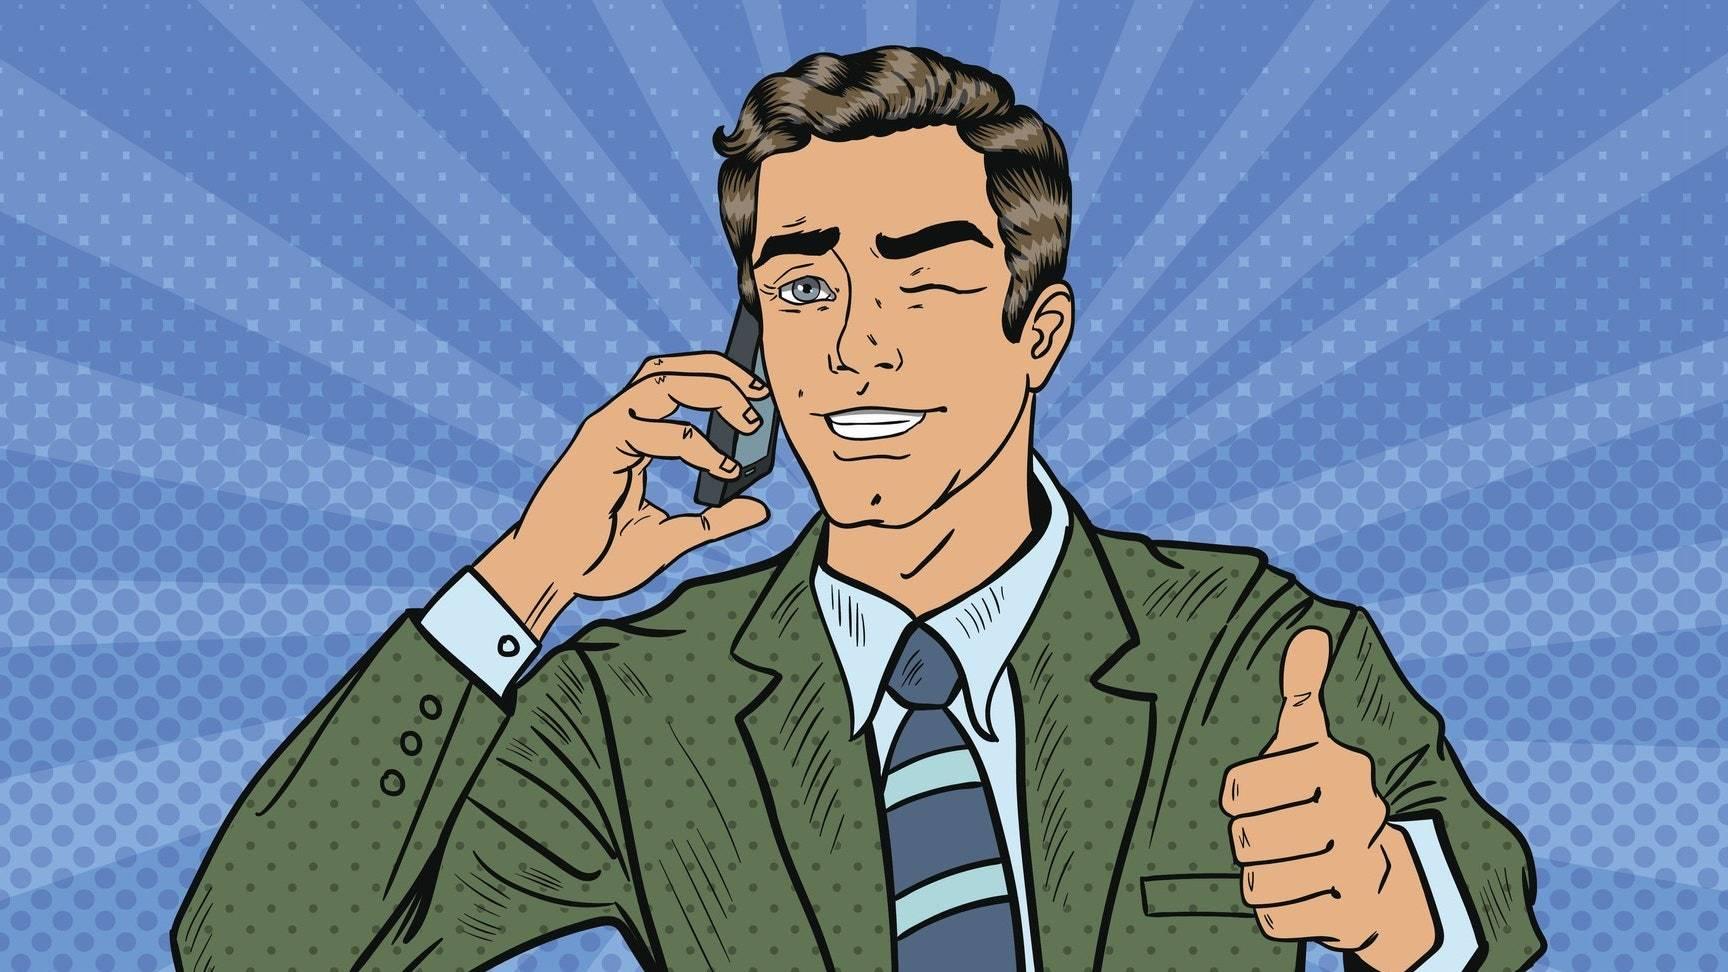 У пользователей Реддита спросили, какой самый лучший совет они получили на Реддите?